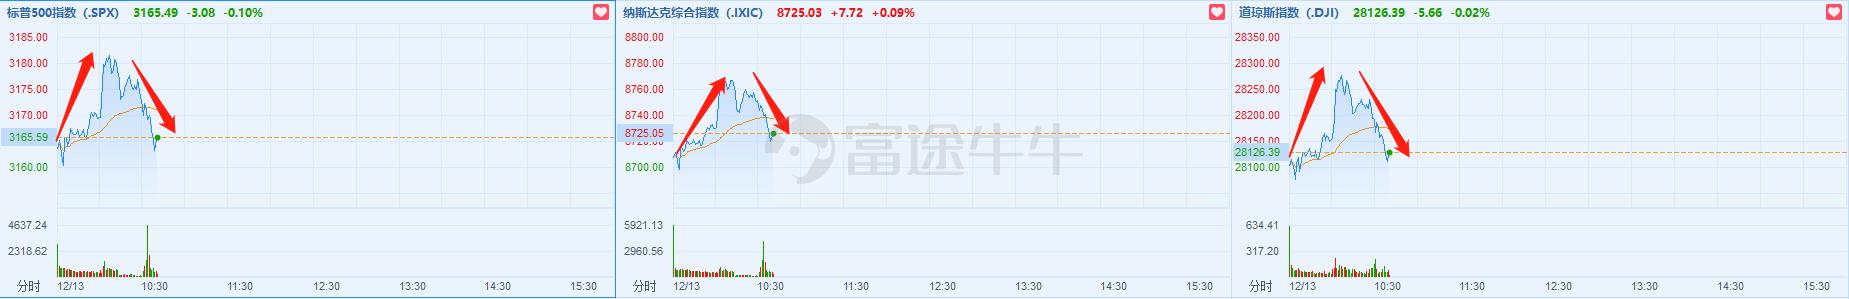 美股三大股指涨幅迅速缩窄,道琼斯指数由涨转跌